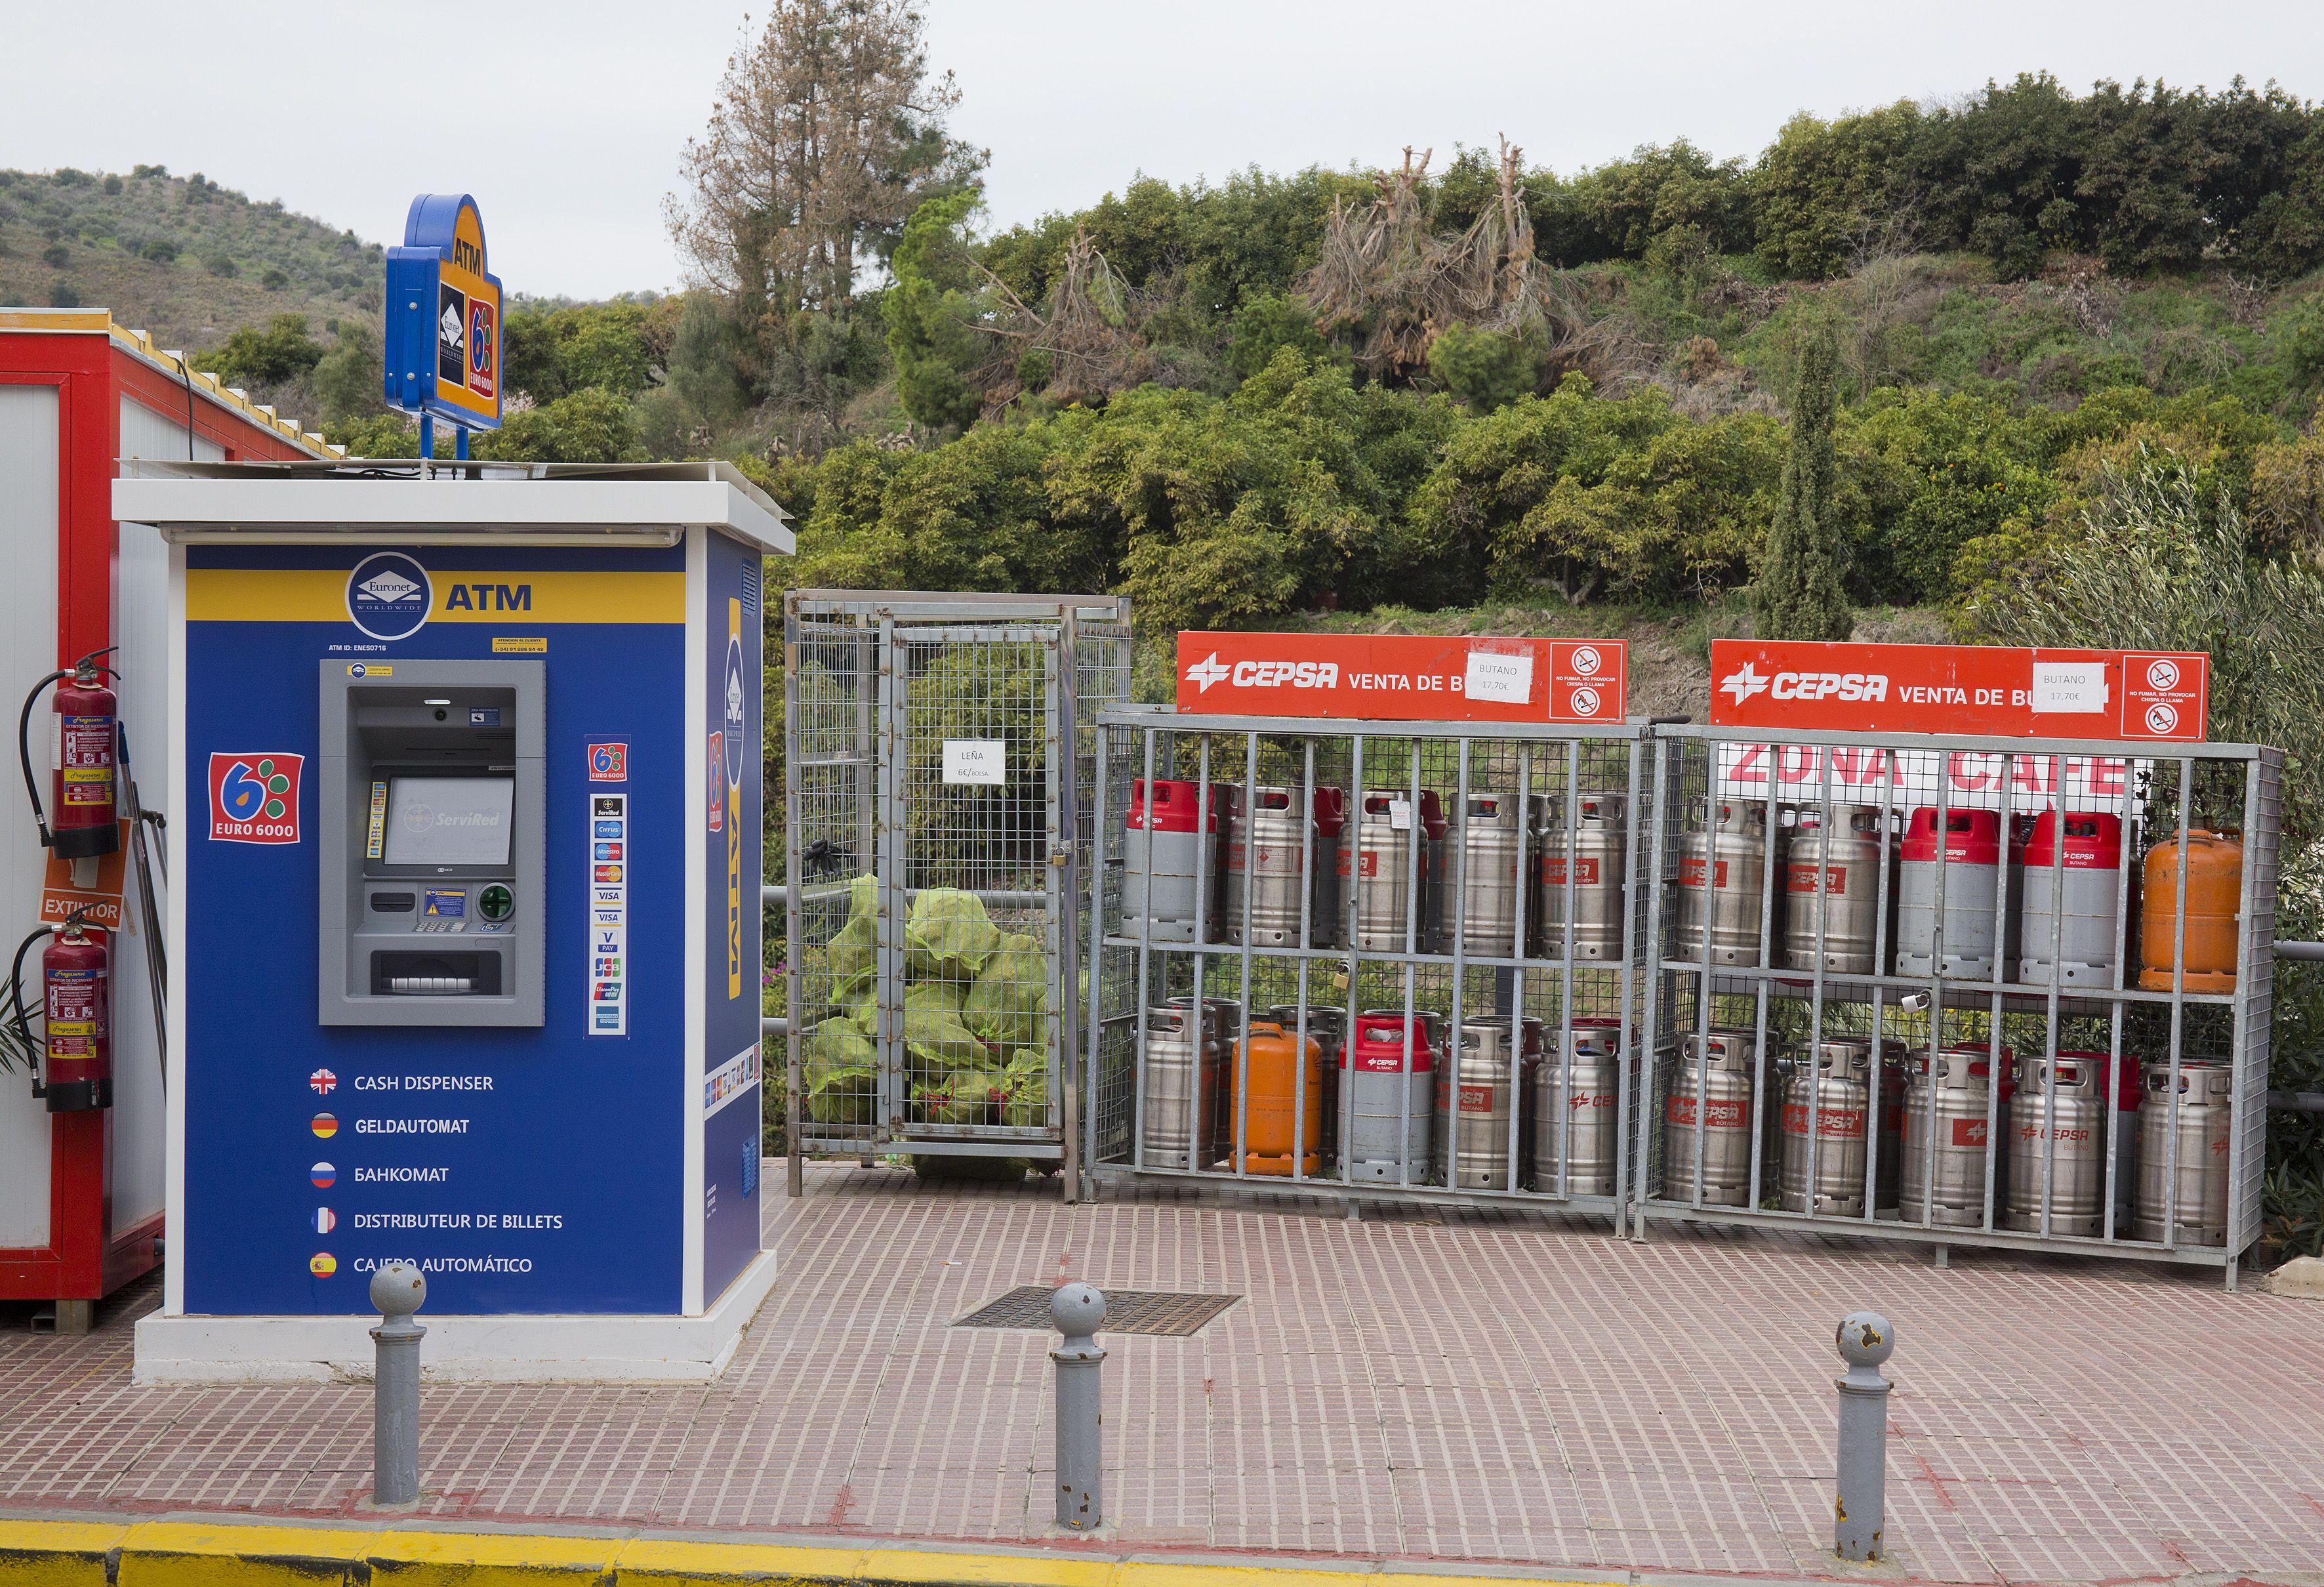 Estación de servicio Cepsa Cajis con completos servicios